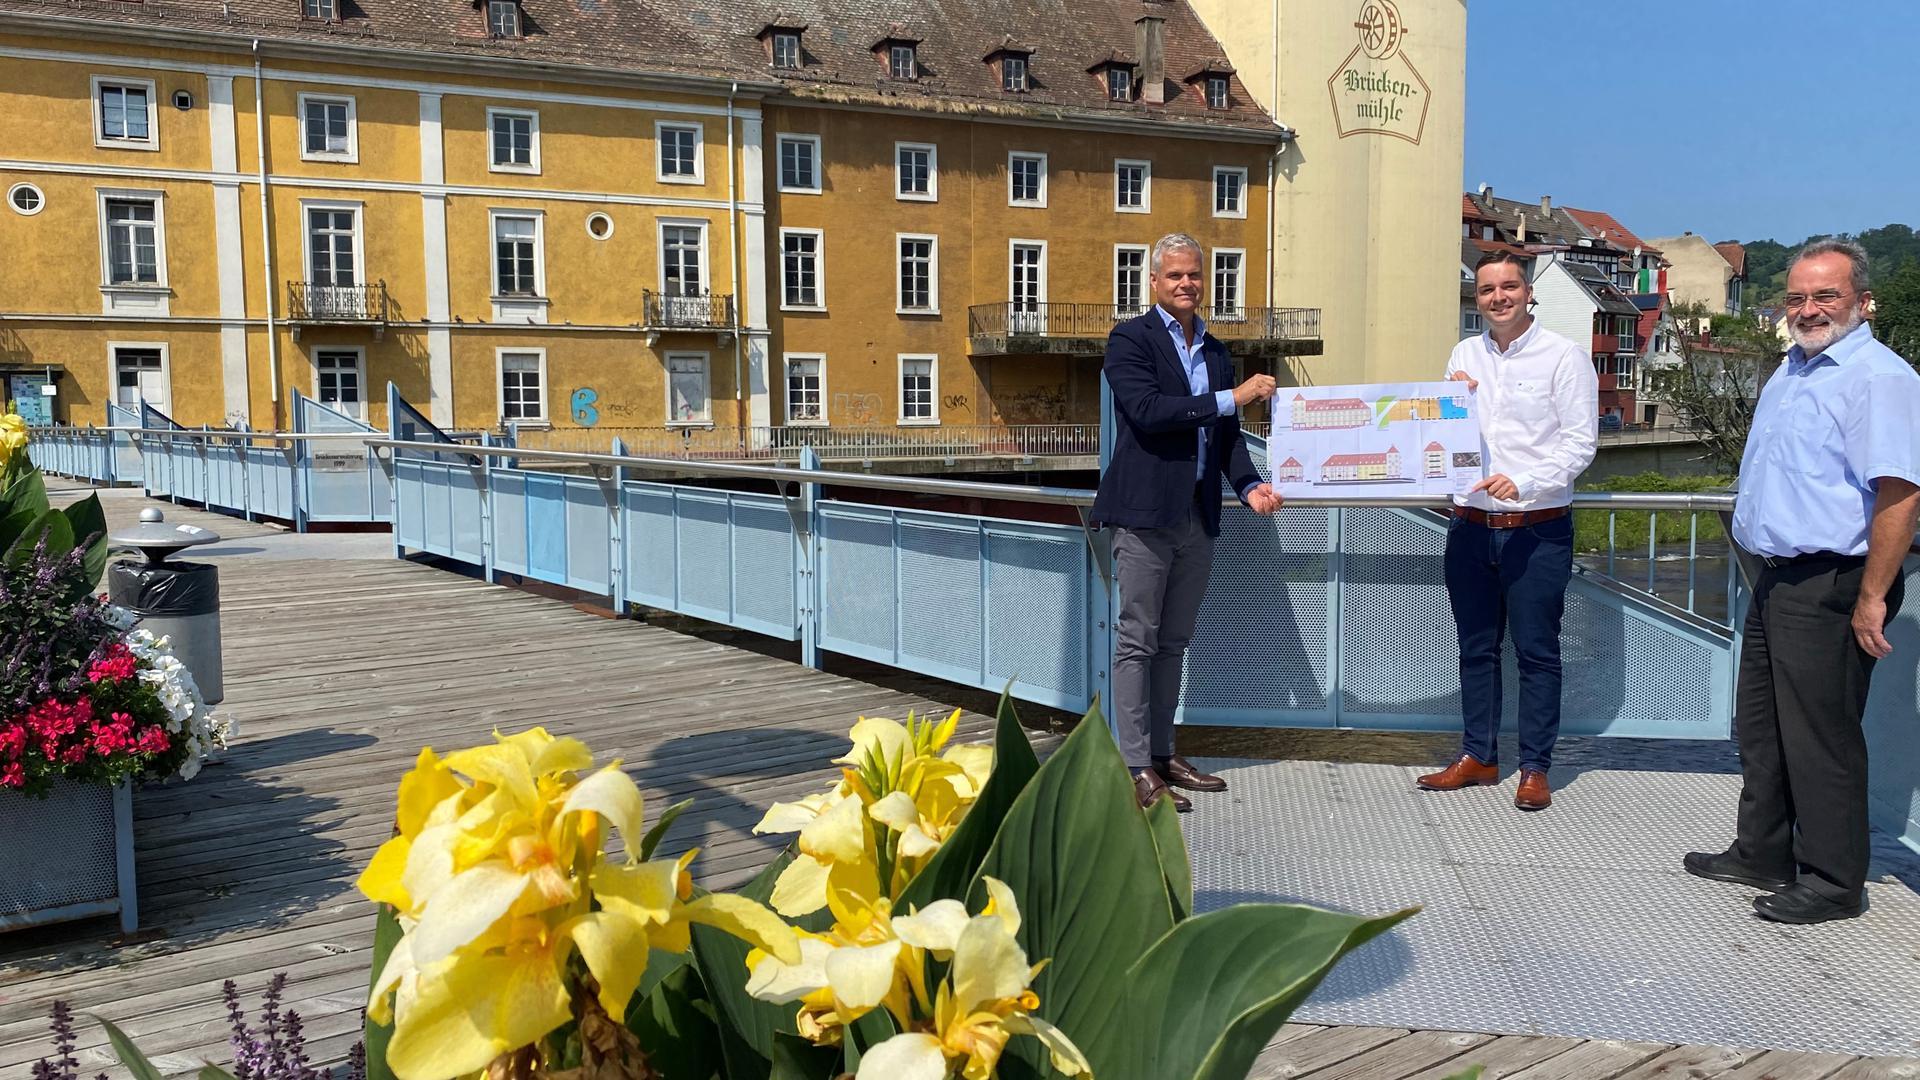 Zwei Männer stehen auf einer Brücke